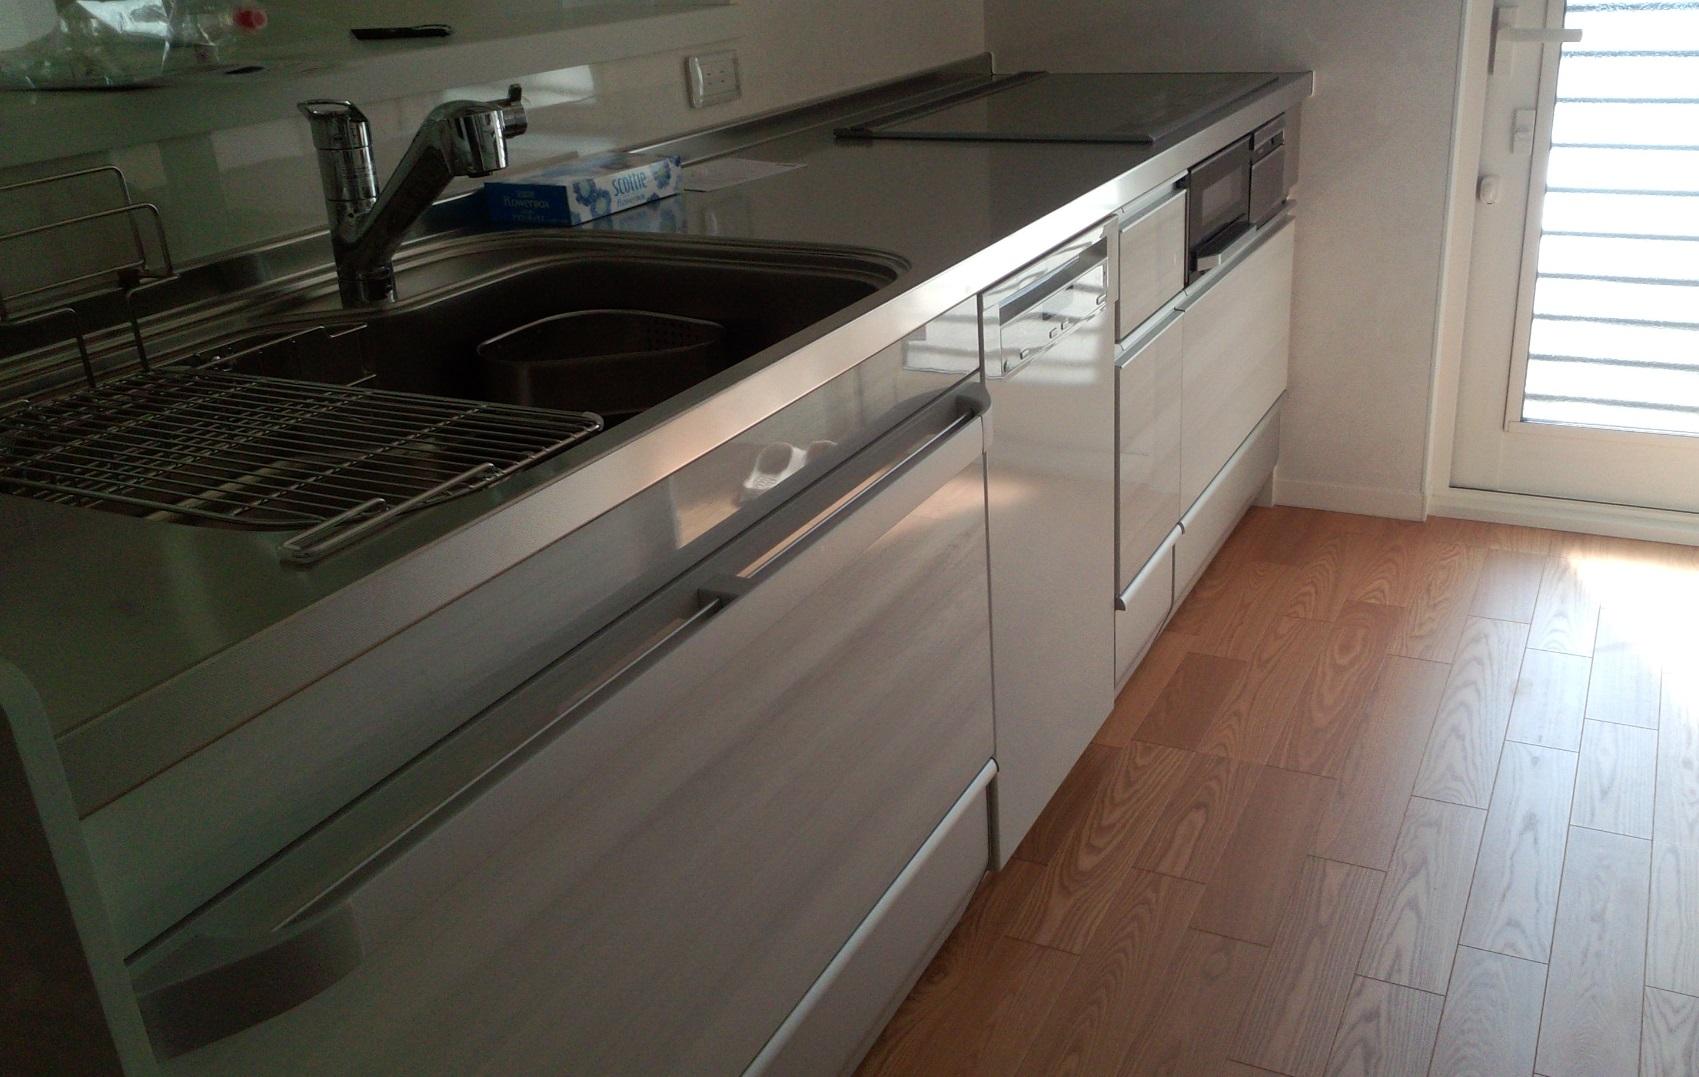 ミーレ食器洗い機45cm設置してきました (クリナップキッチン編)_a0155290_14373936.jpg